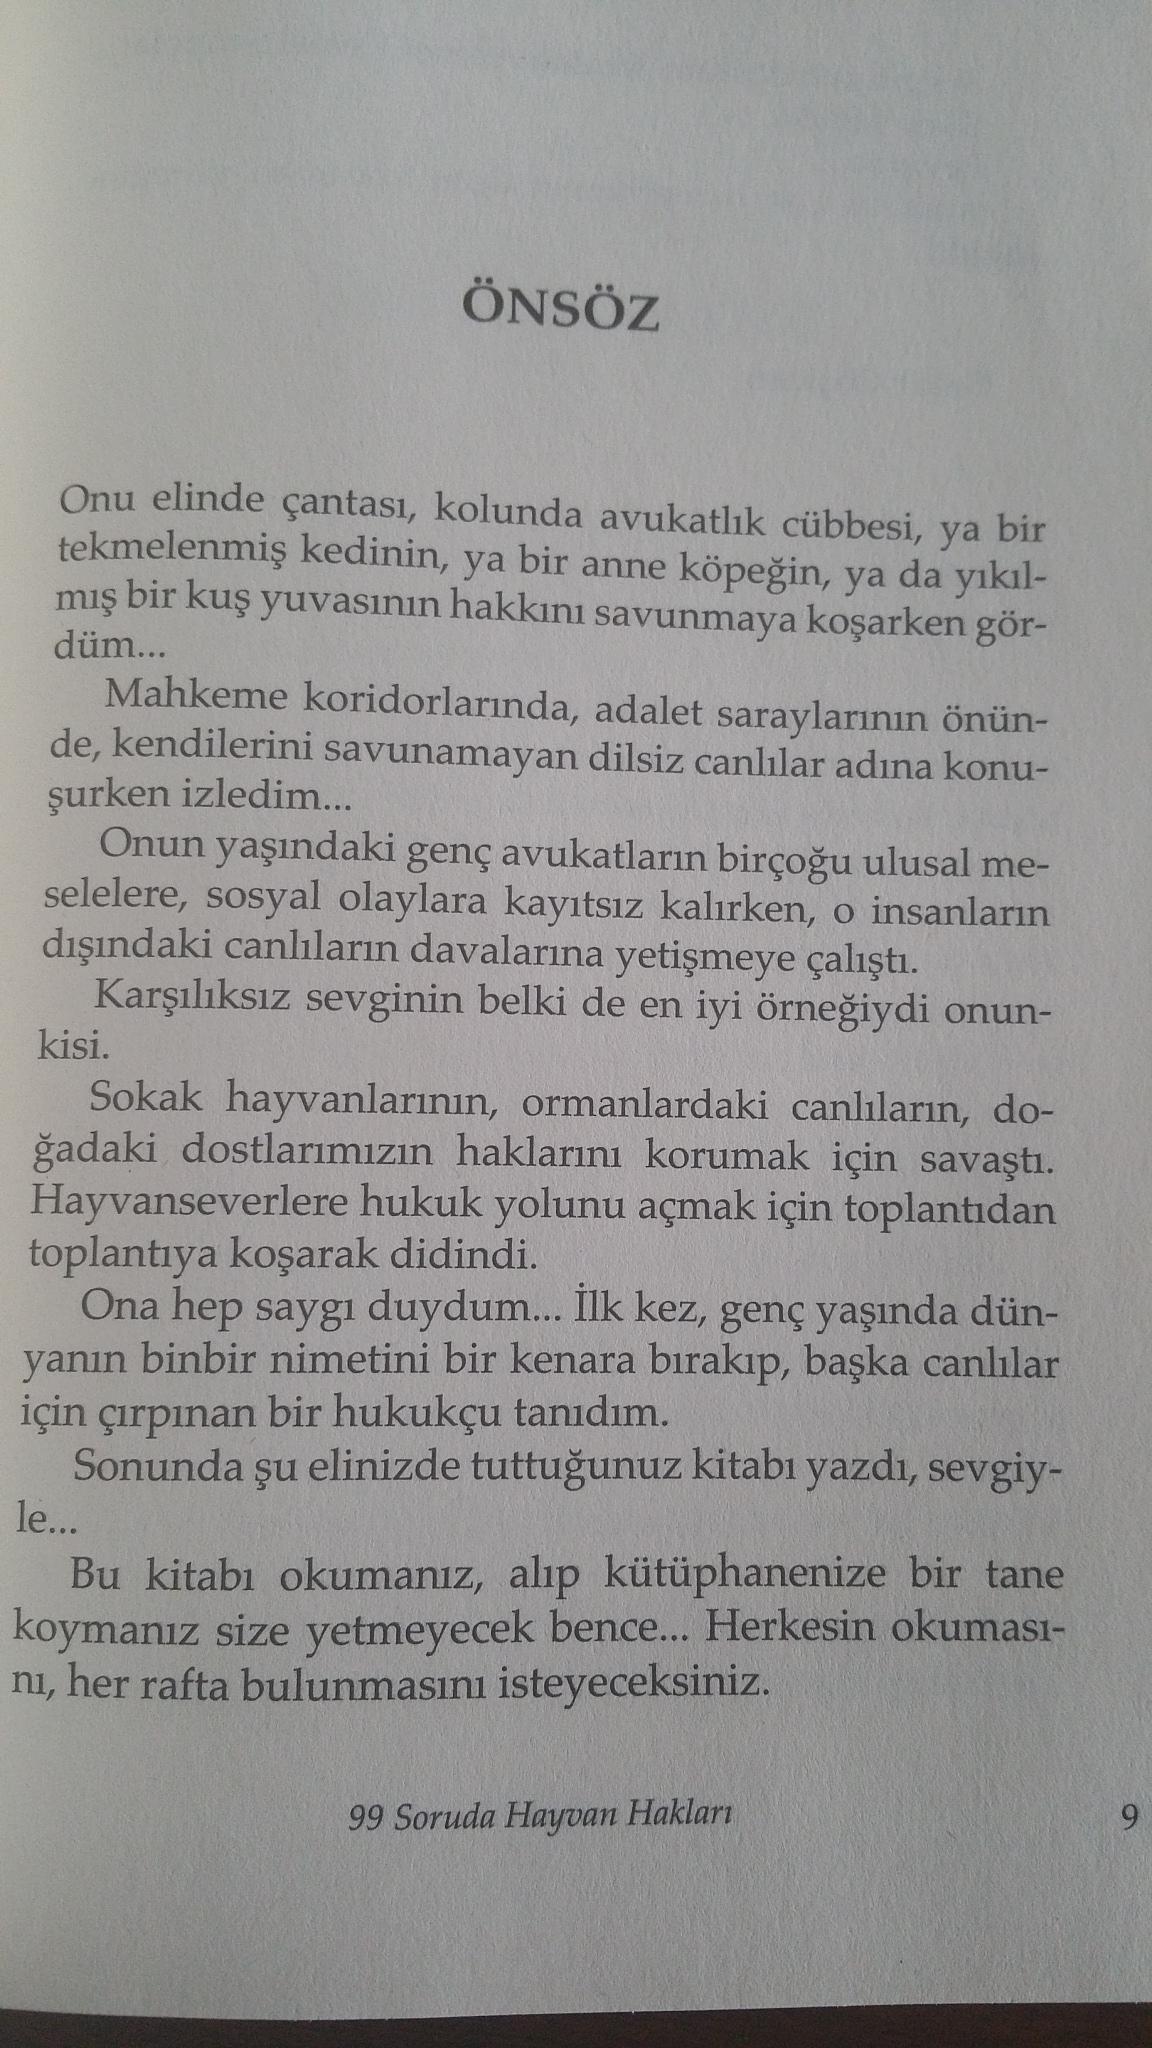 111  Soruda Hayvan Hakları Kitabı - Av. Şenpolat